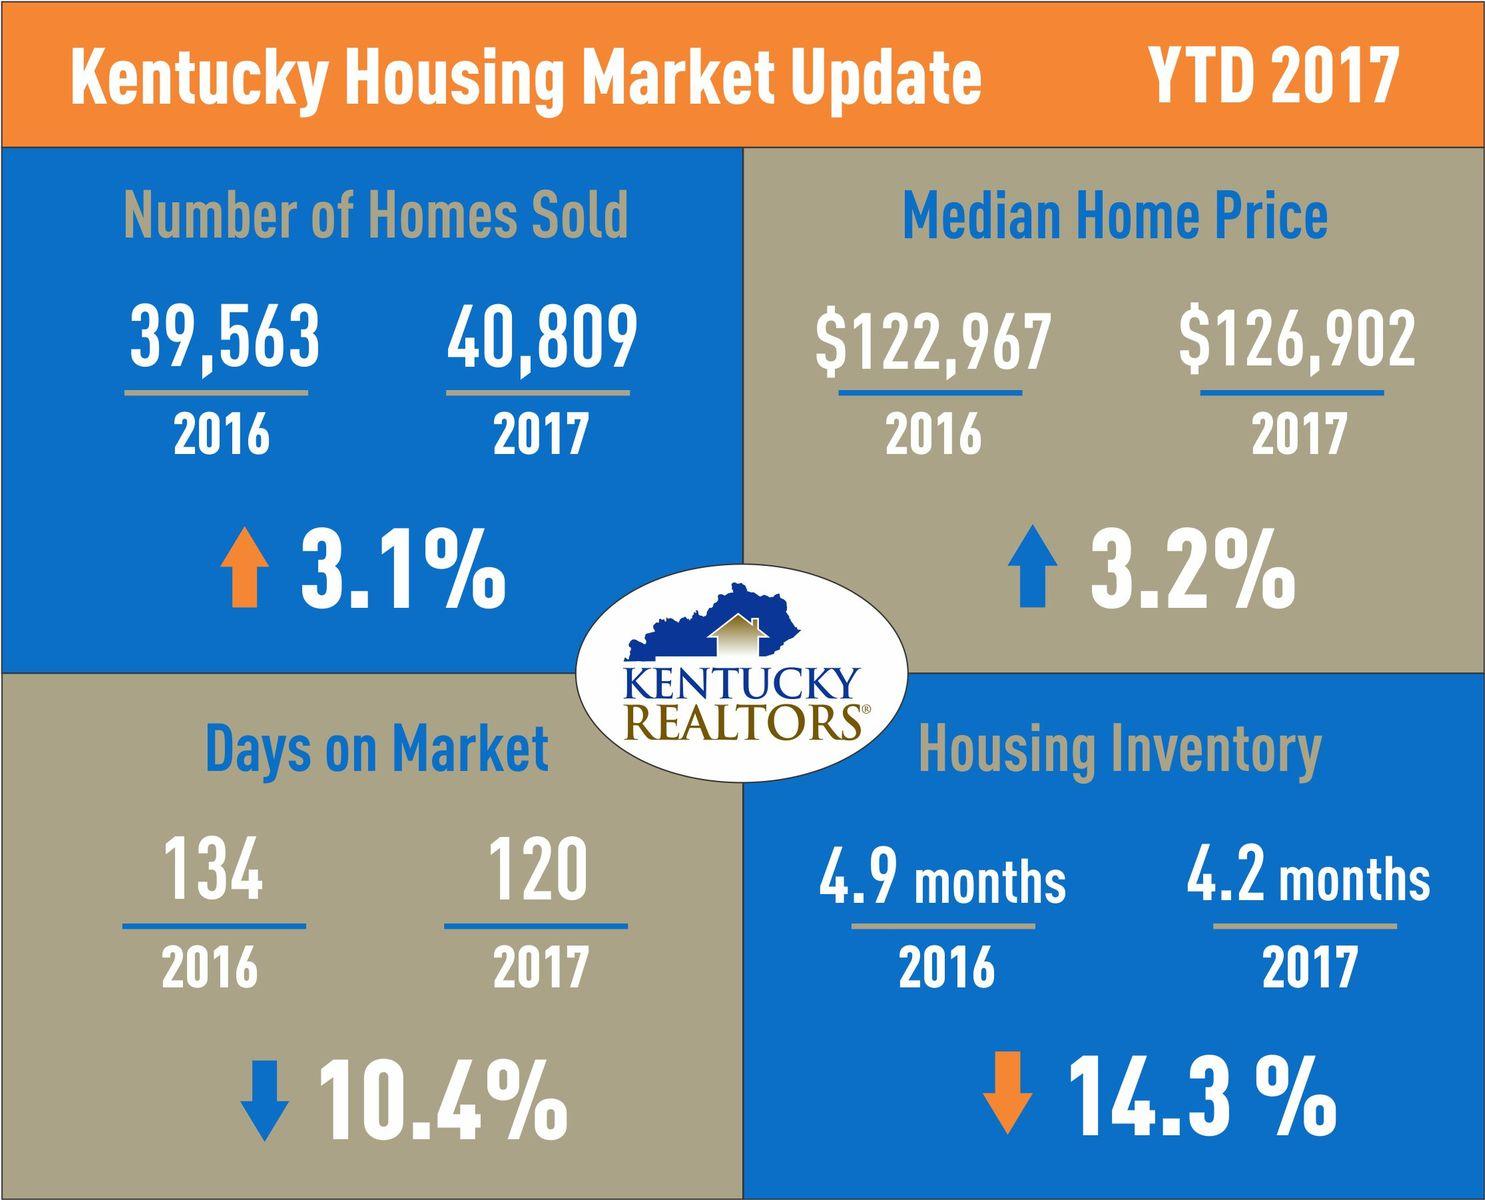 Kentucky Housing Market Update September 2017